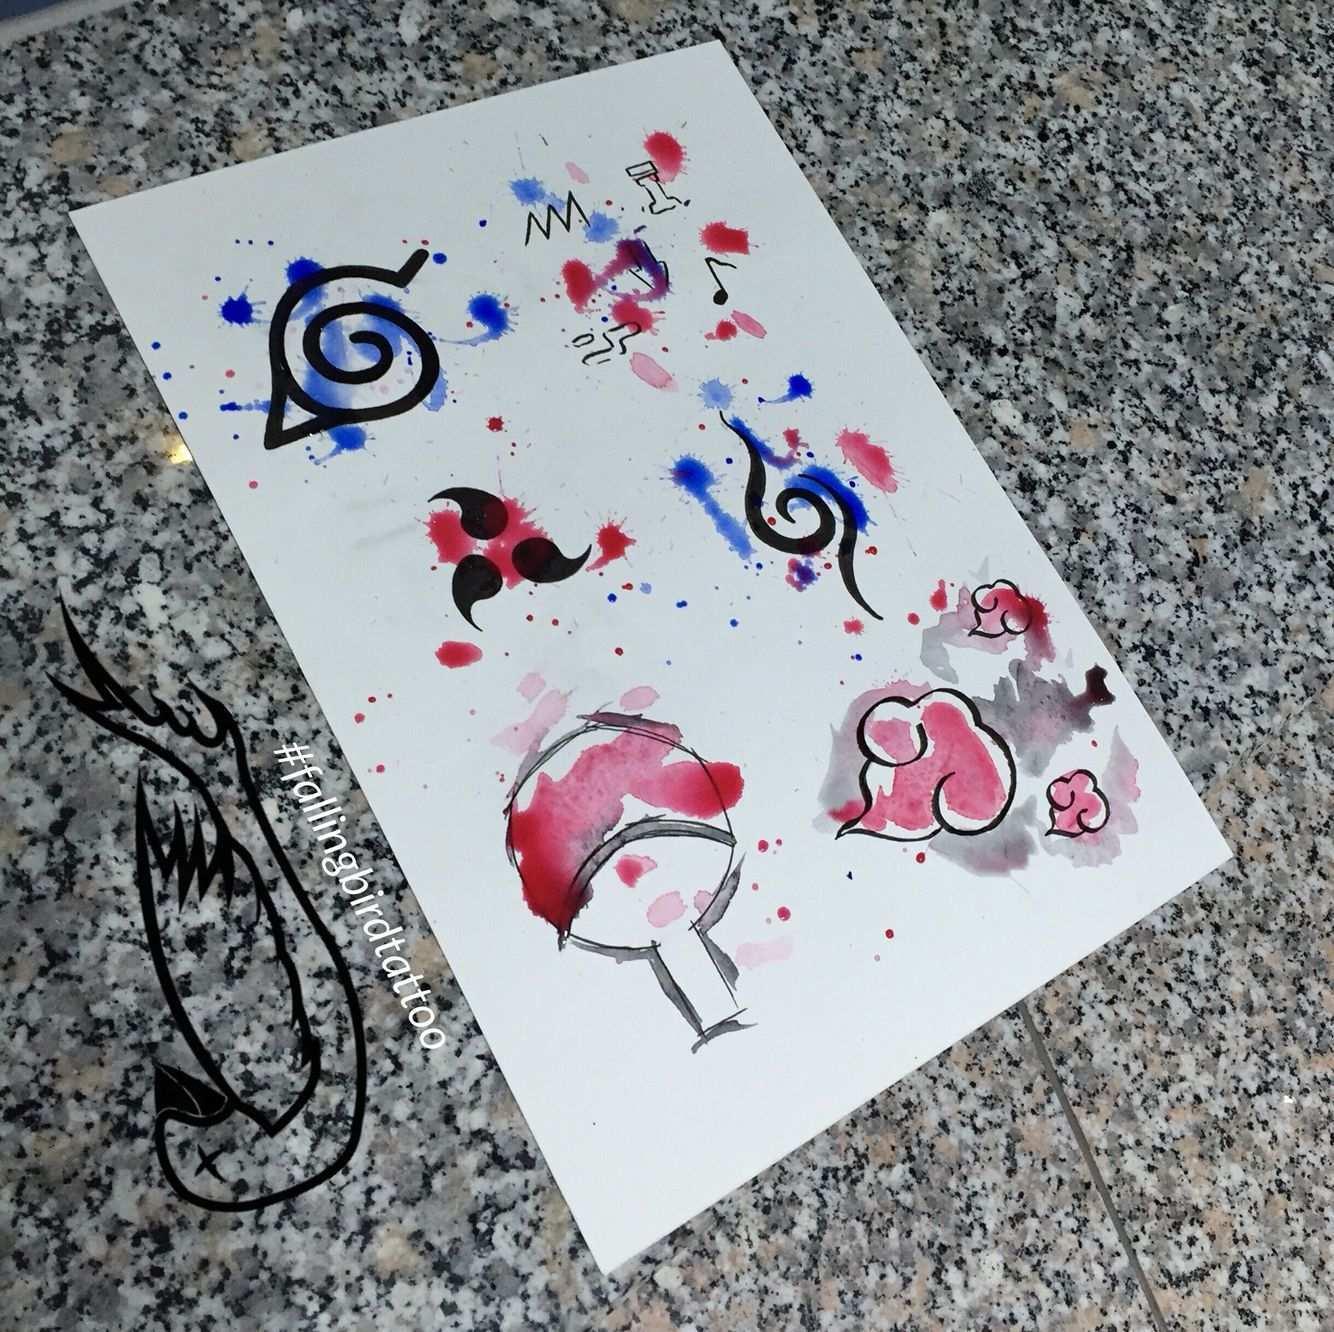 Naruto Watercolour Watercolor Aquarell Tattoo Wanna Do Vorlagen Konoha Sasuke Anbu Einheit Naruto Tattoo Naruto Drawings Naruto